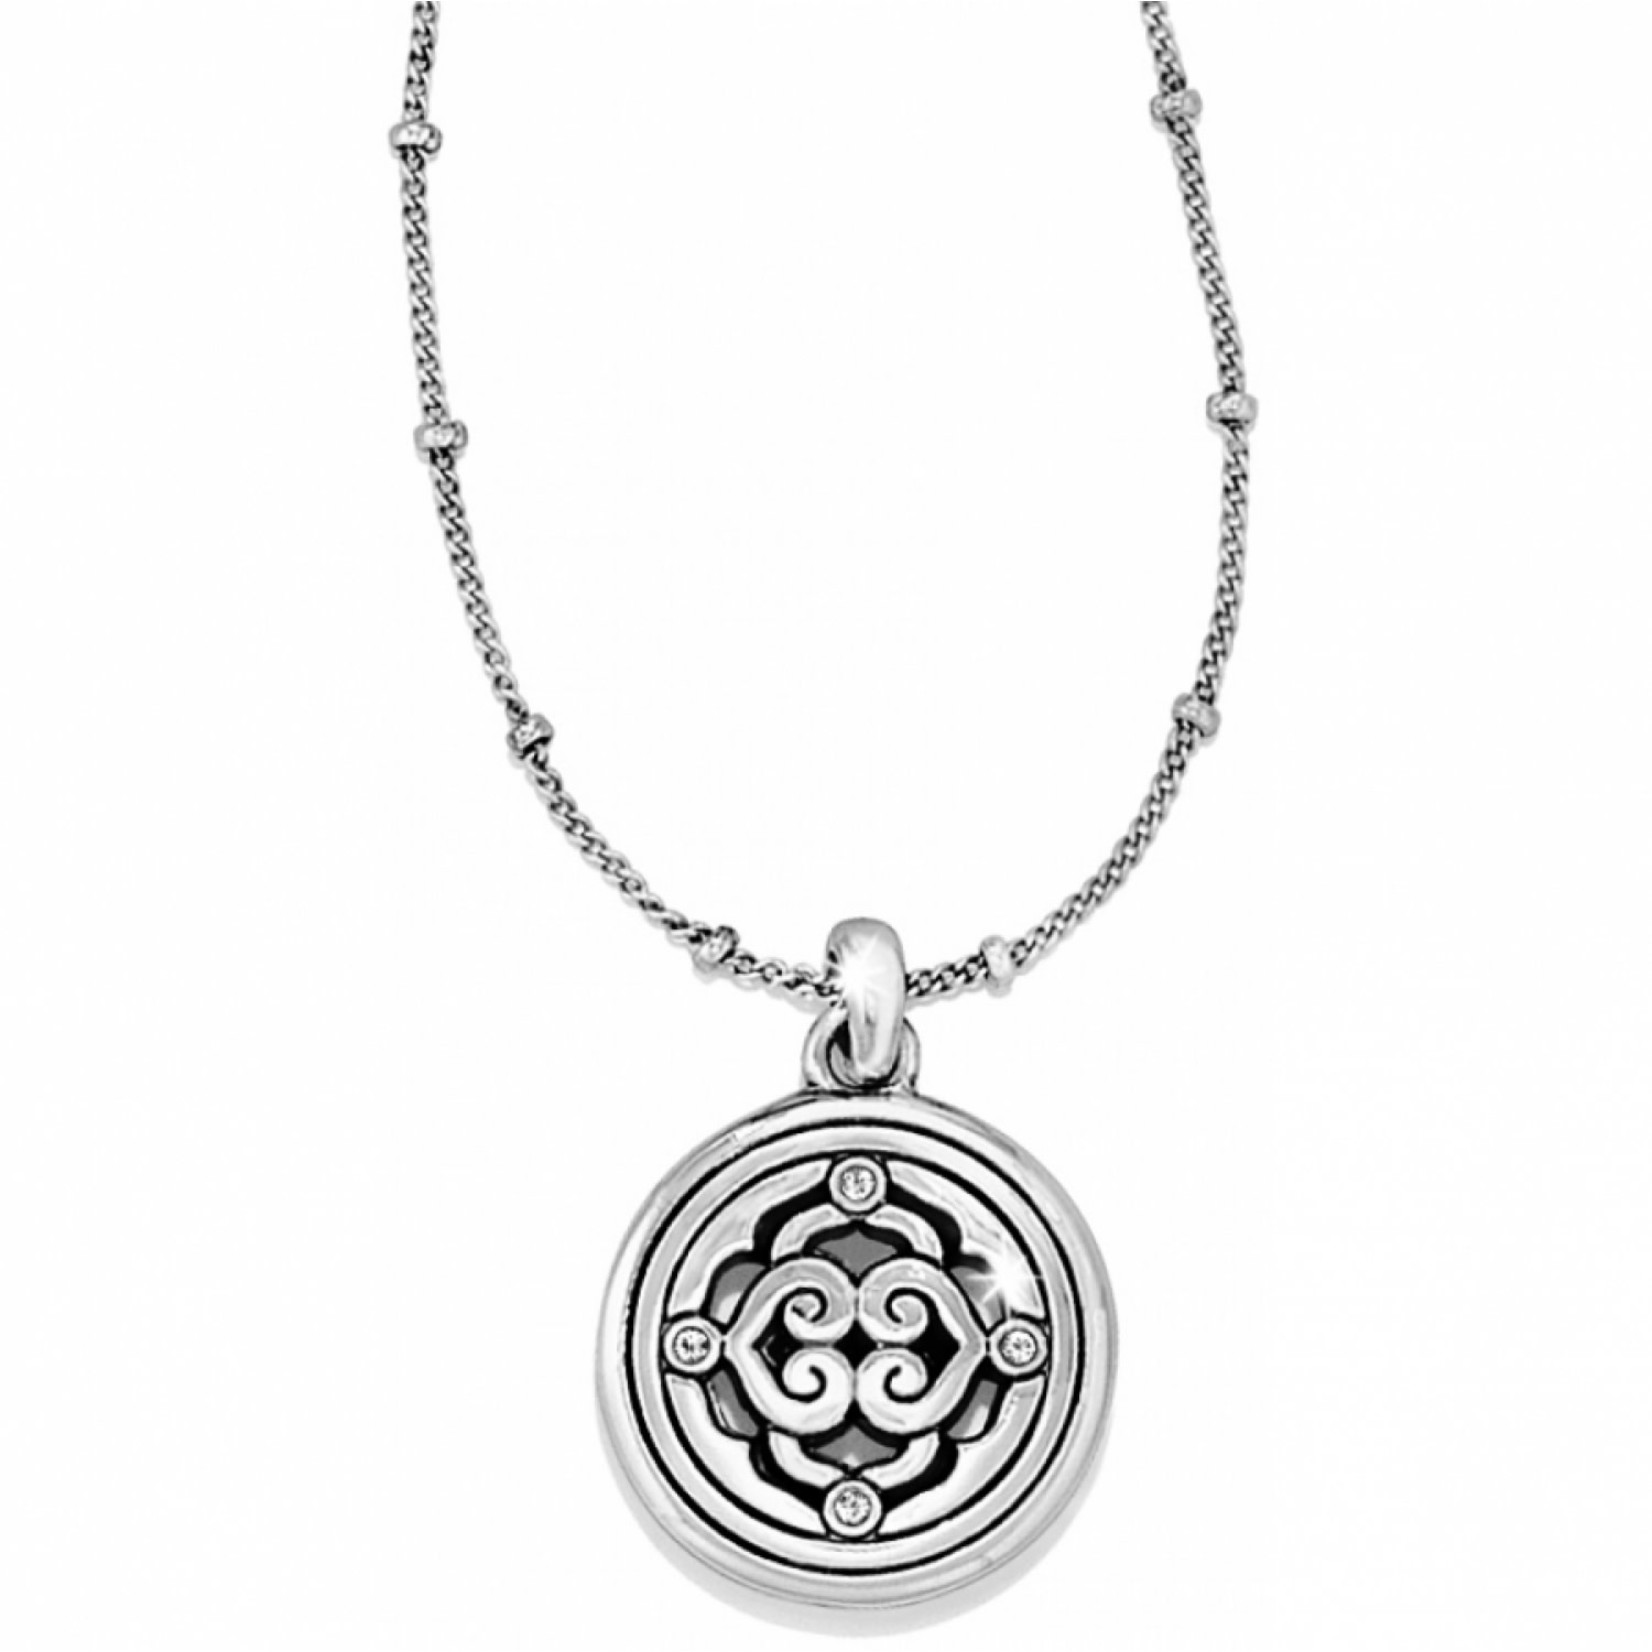 Brighton JL0472 Intrigue Small Necklace